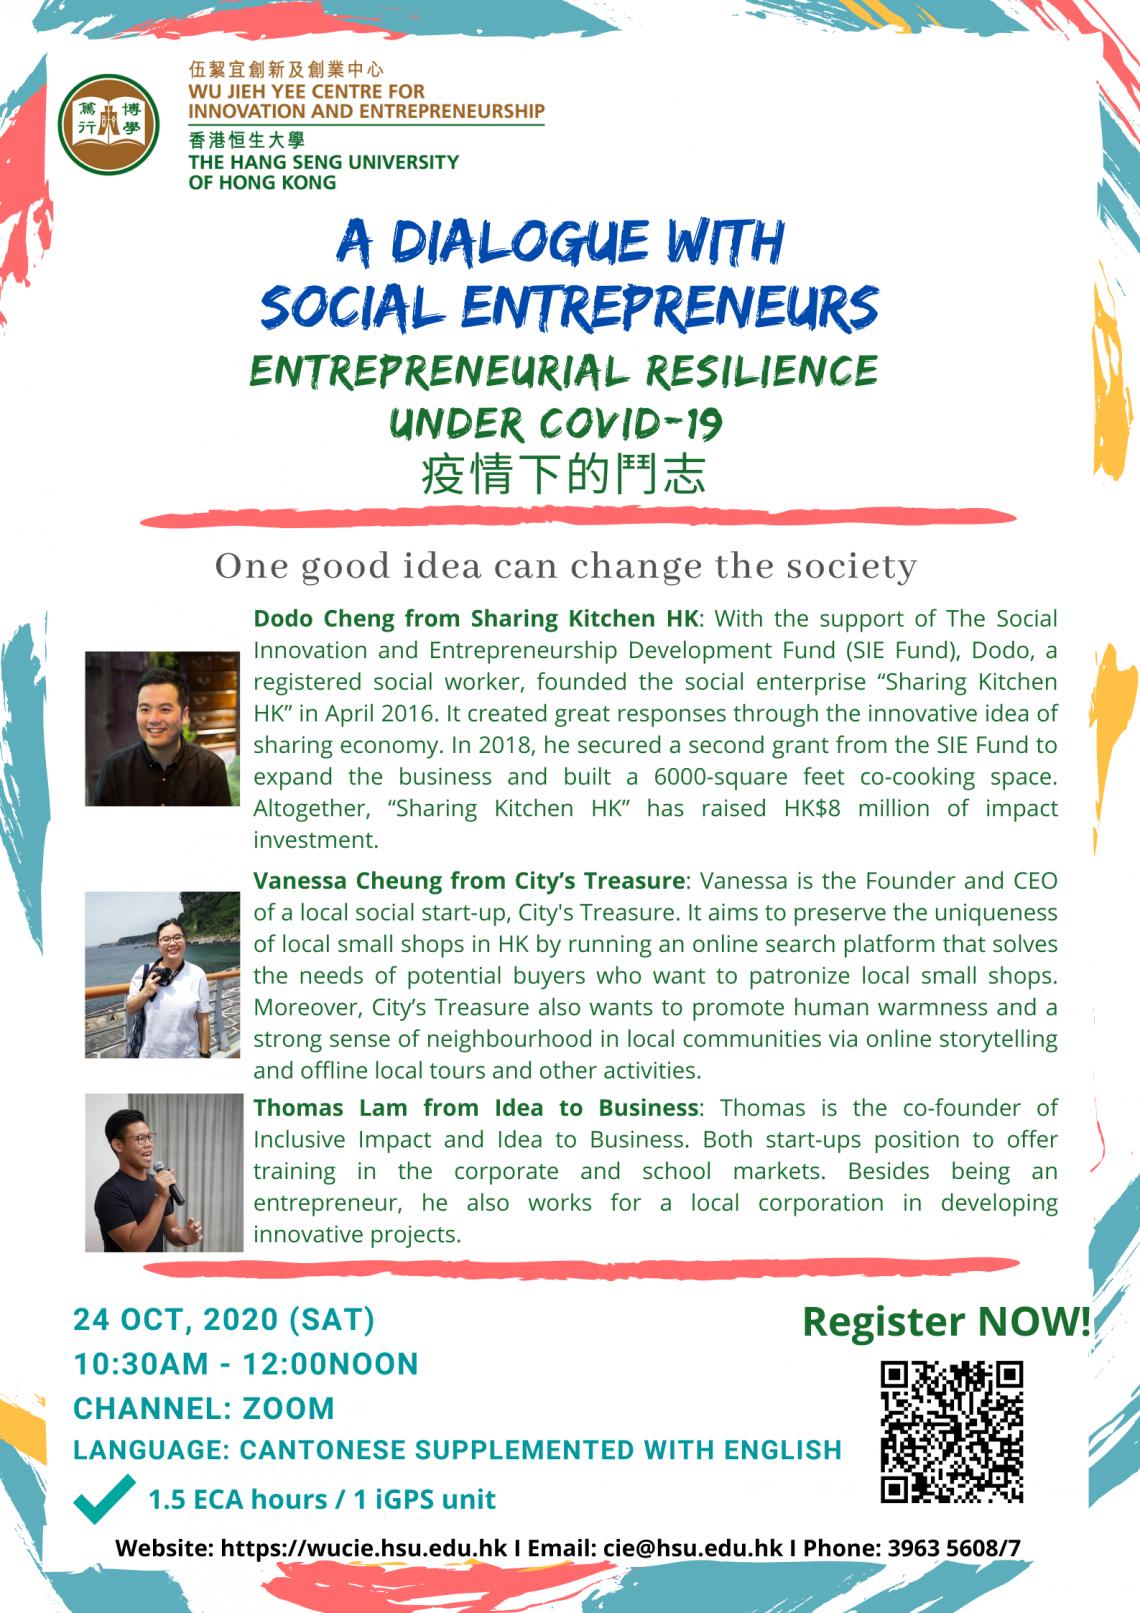 A Dialogue with Social Entrepreneurs